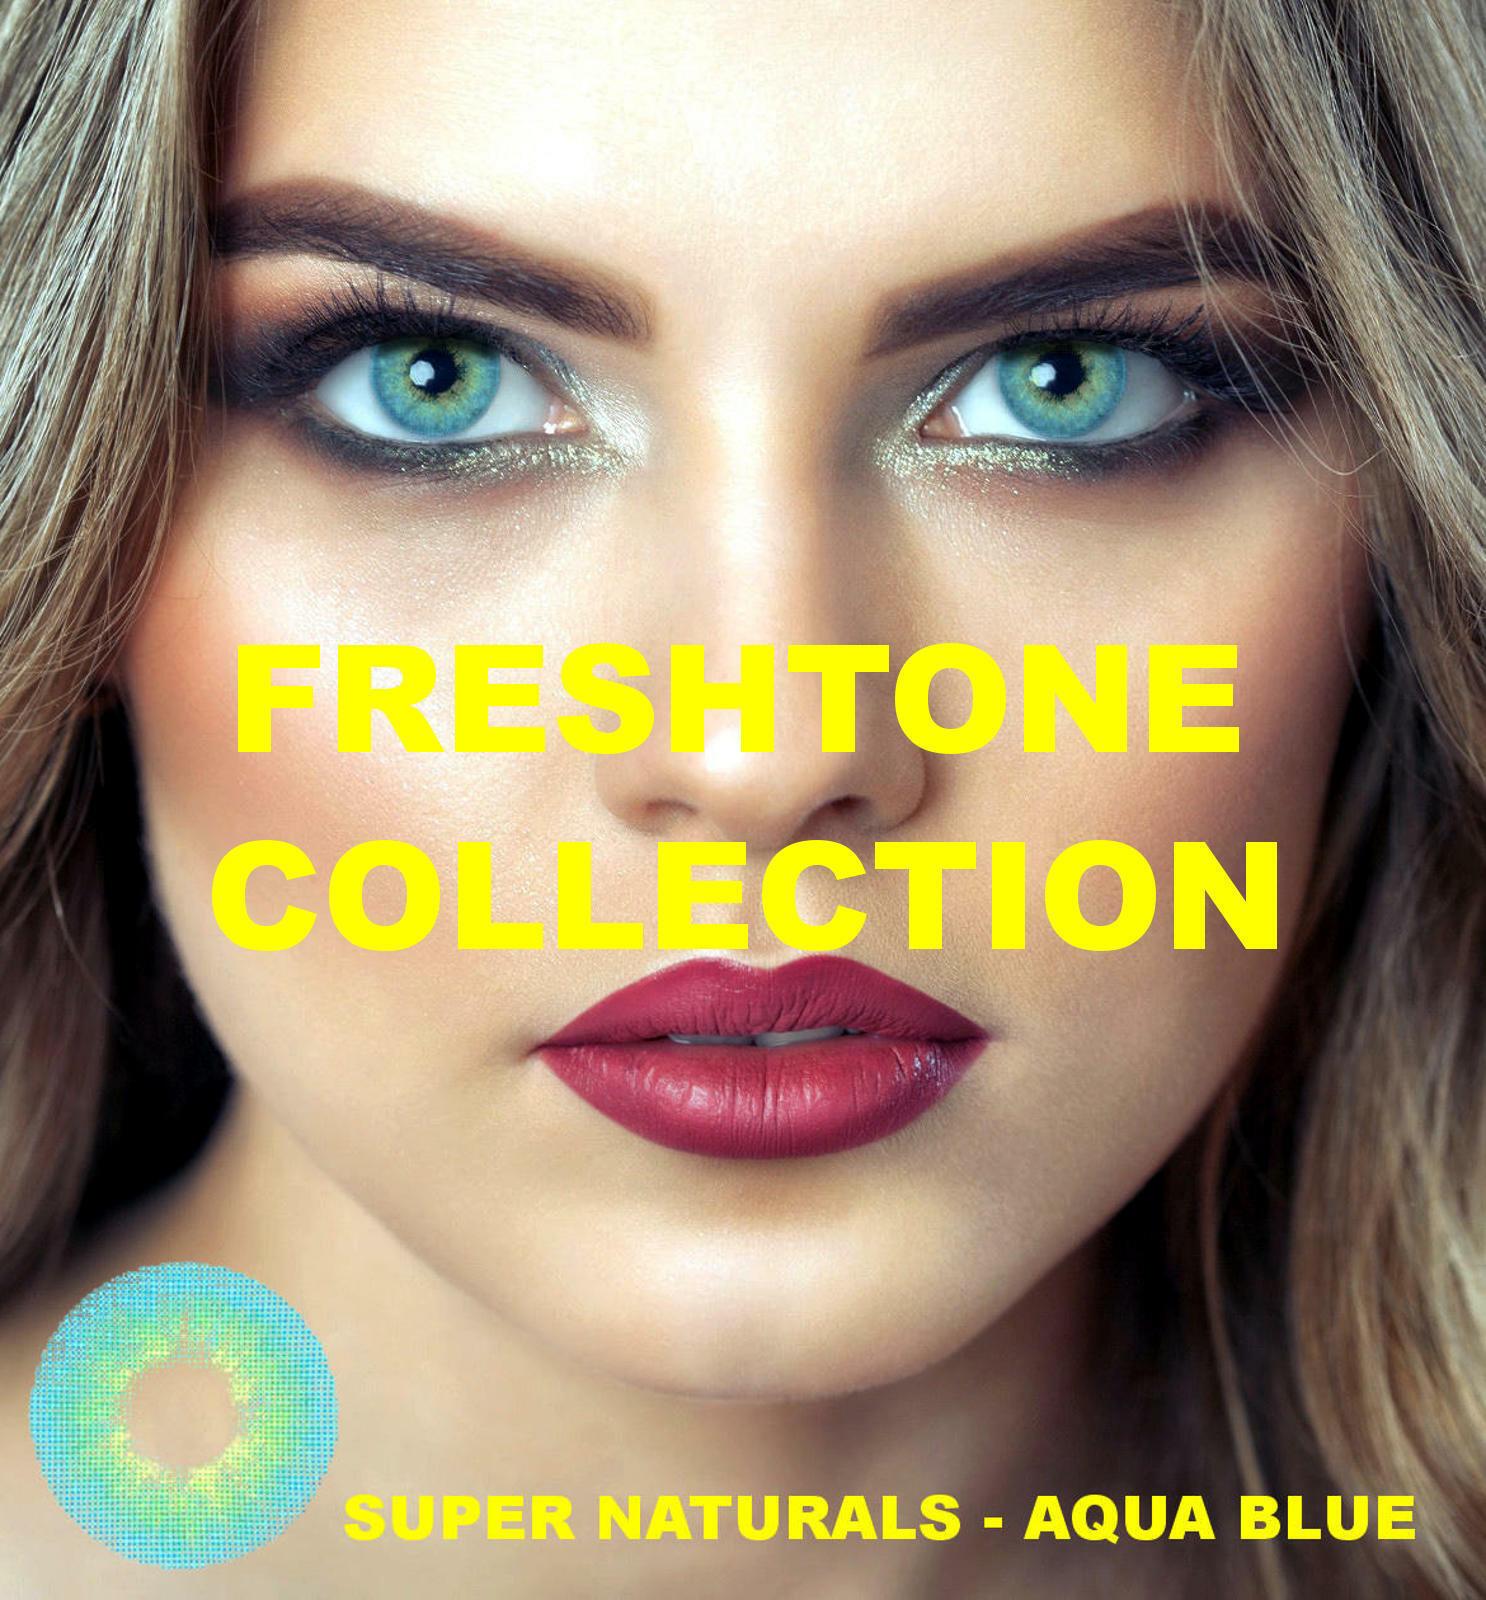 Farbige Kontaktlinsen mit Stärke blau grün grau Monatslinsen jasmine Freshtone